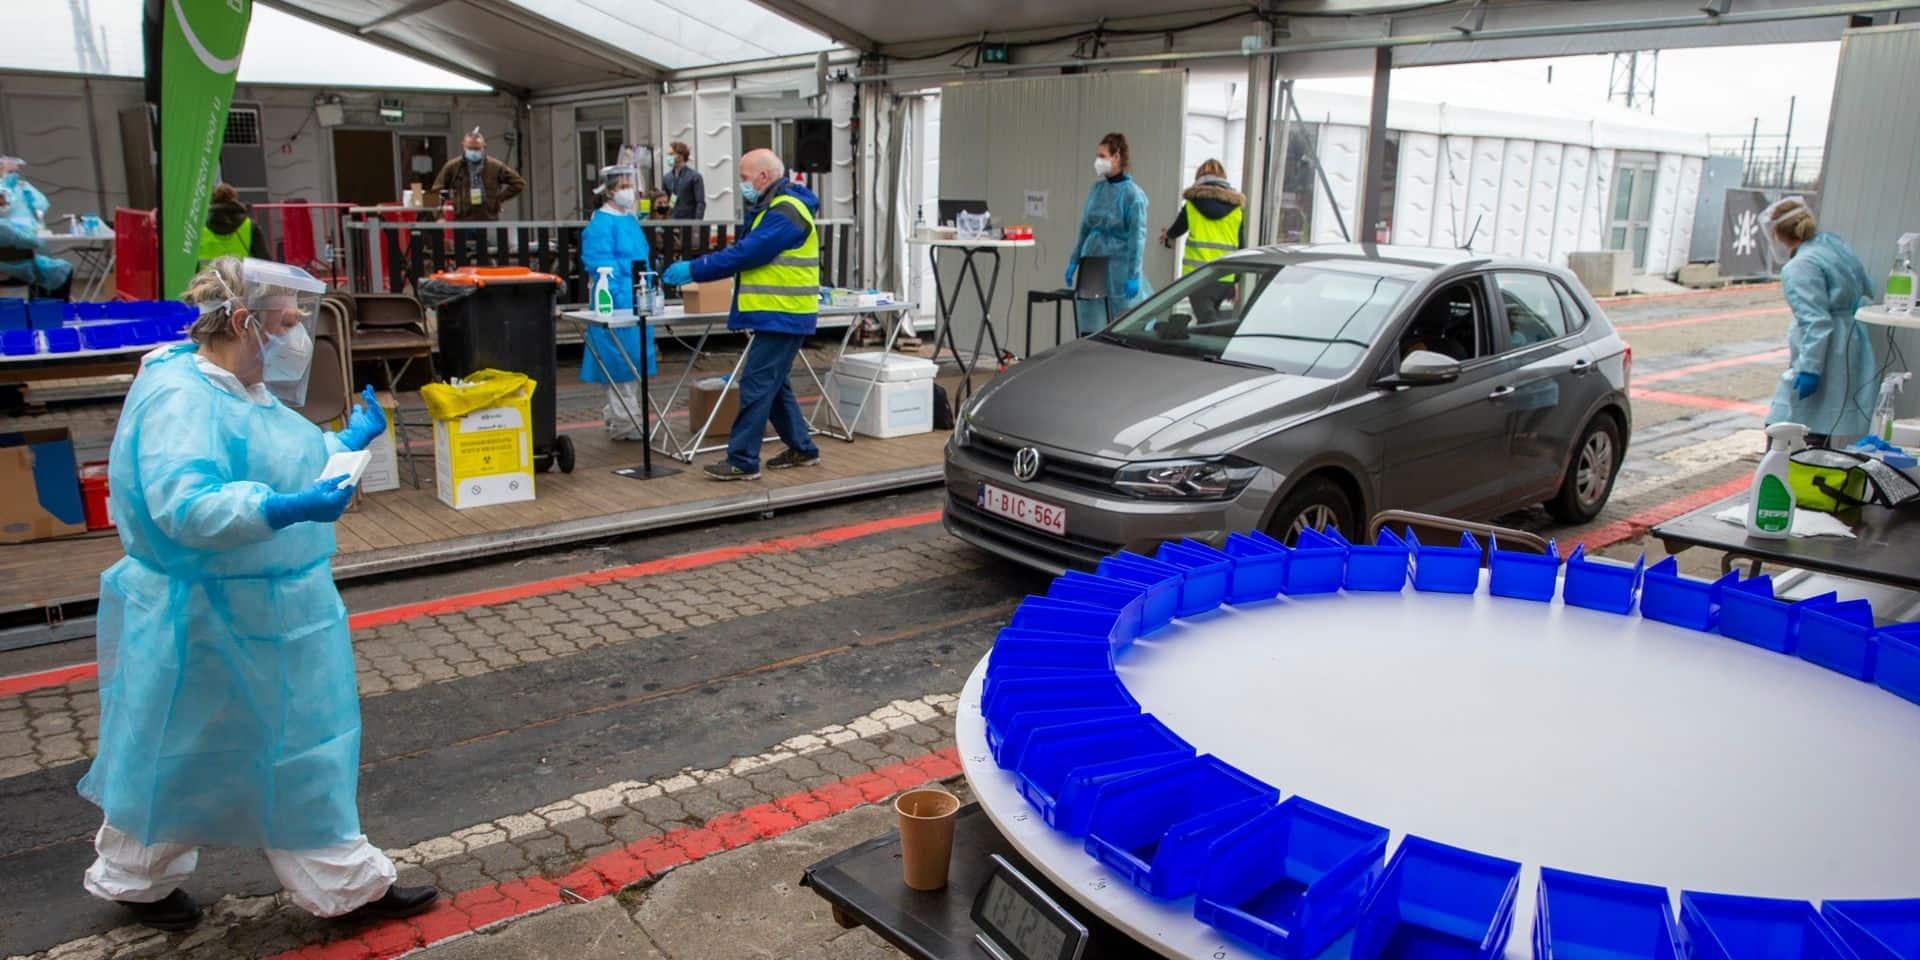 Seulement 45 cas positifs après des tests à l'échelle de tout un quartier à Anvers